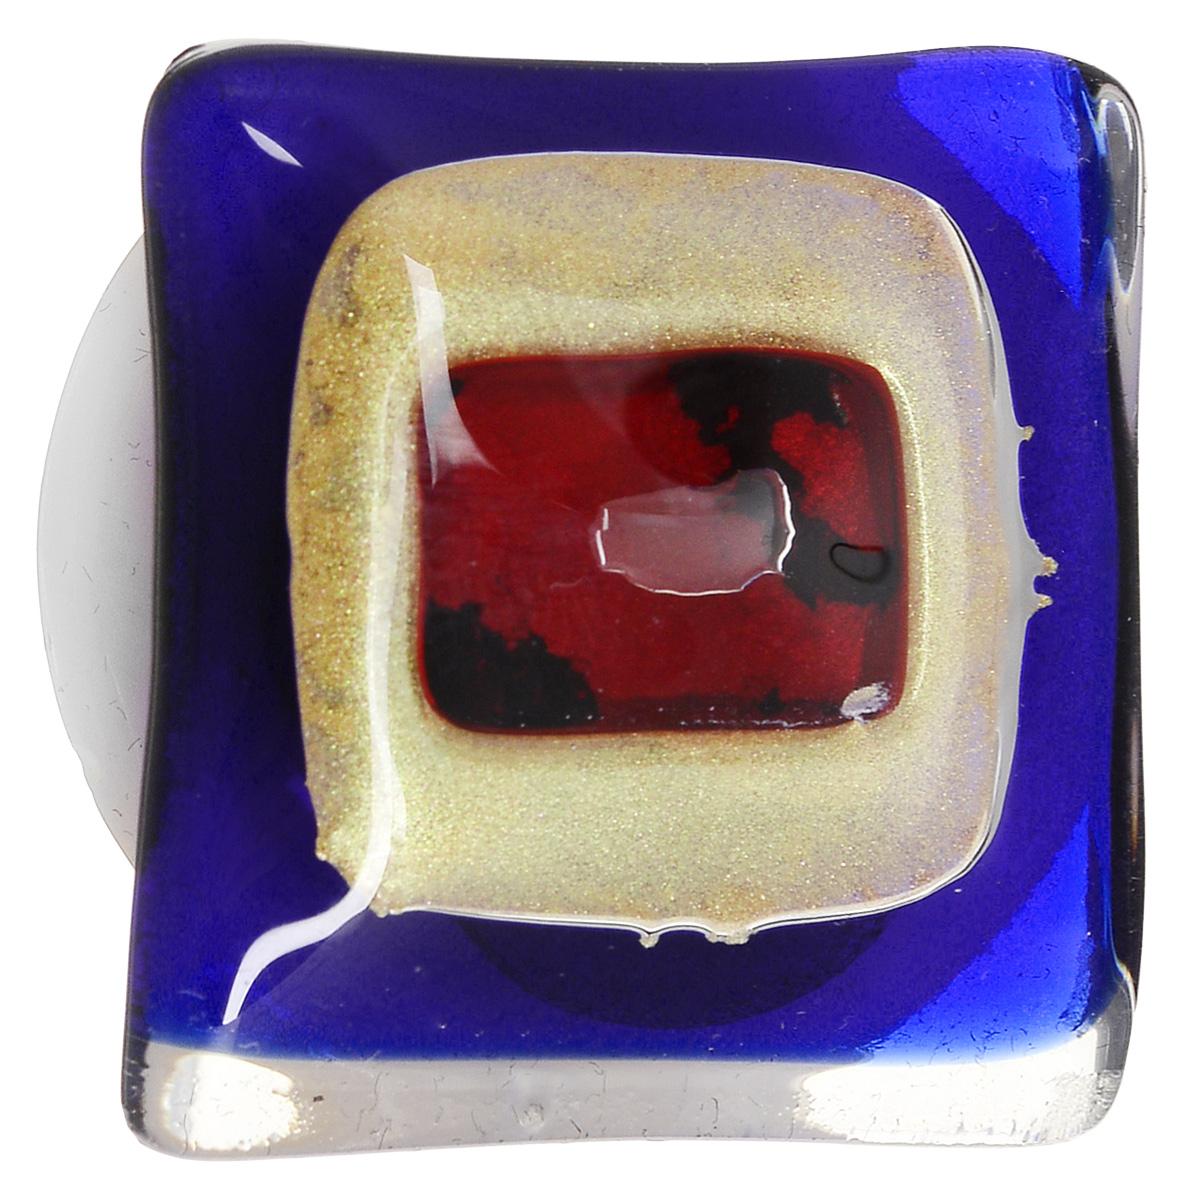 Брошь Сотворение мира. Муранское стекло, магнит, ручная работа. Murano, Италия (Венеция)30028190Брошь Сотворение мира. Муранское стекло, магнит, ручная работа. Murano, Италия (Венеция). Размер - 3 х 3 см. Тип крепления - магнит. Брошь можно носить на одежде, шляпе, рюкзаке или сумке. Каждое изделие из муранского стекла уникально и может незначительно отличаться от того, что вы видите на фотографии.